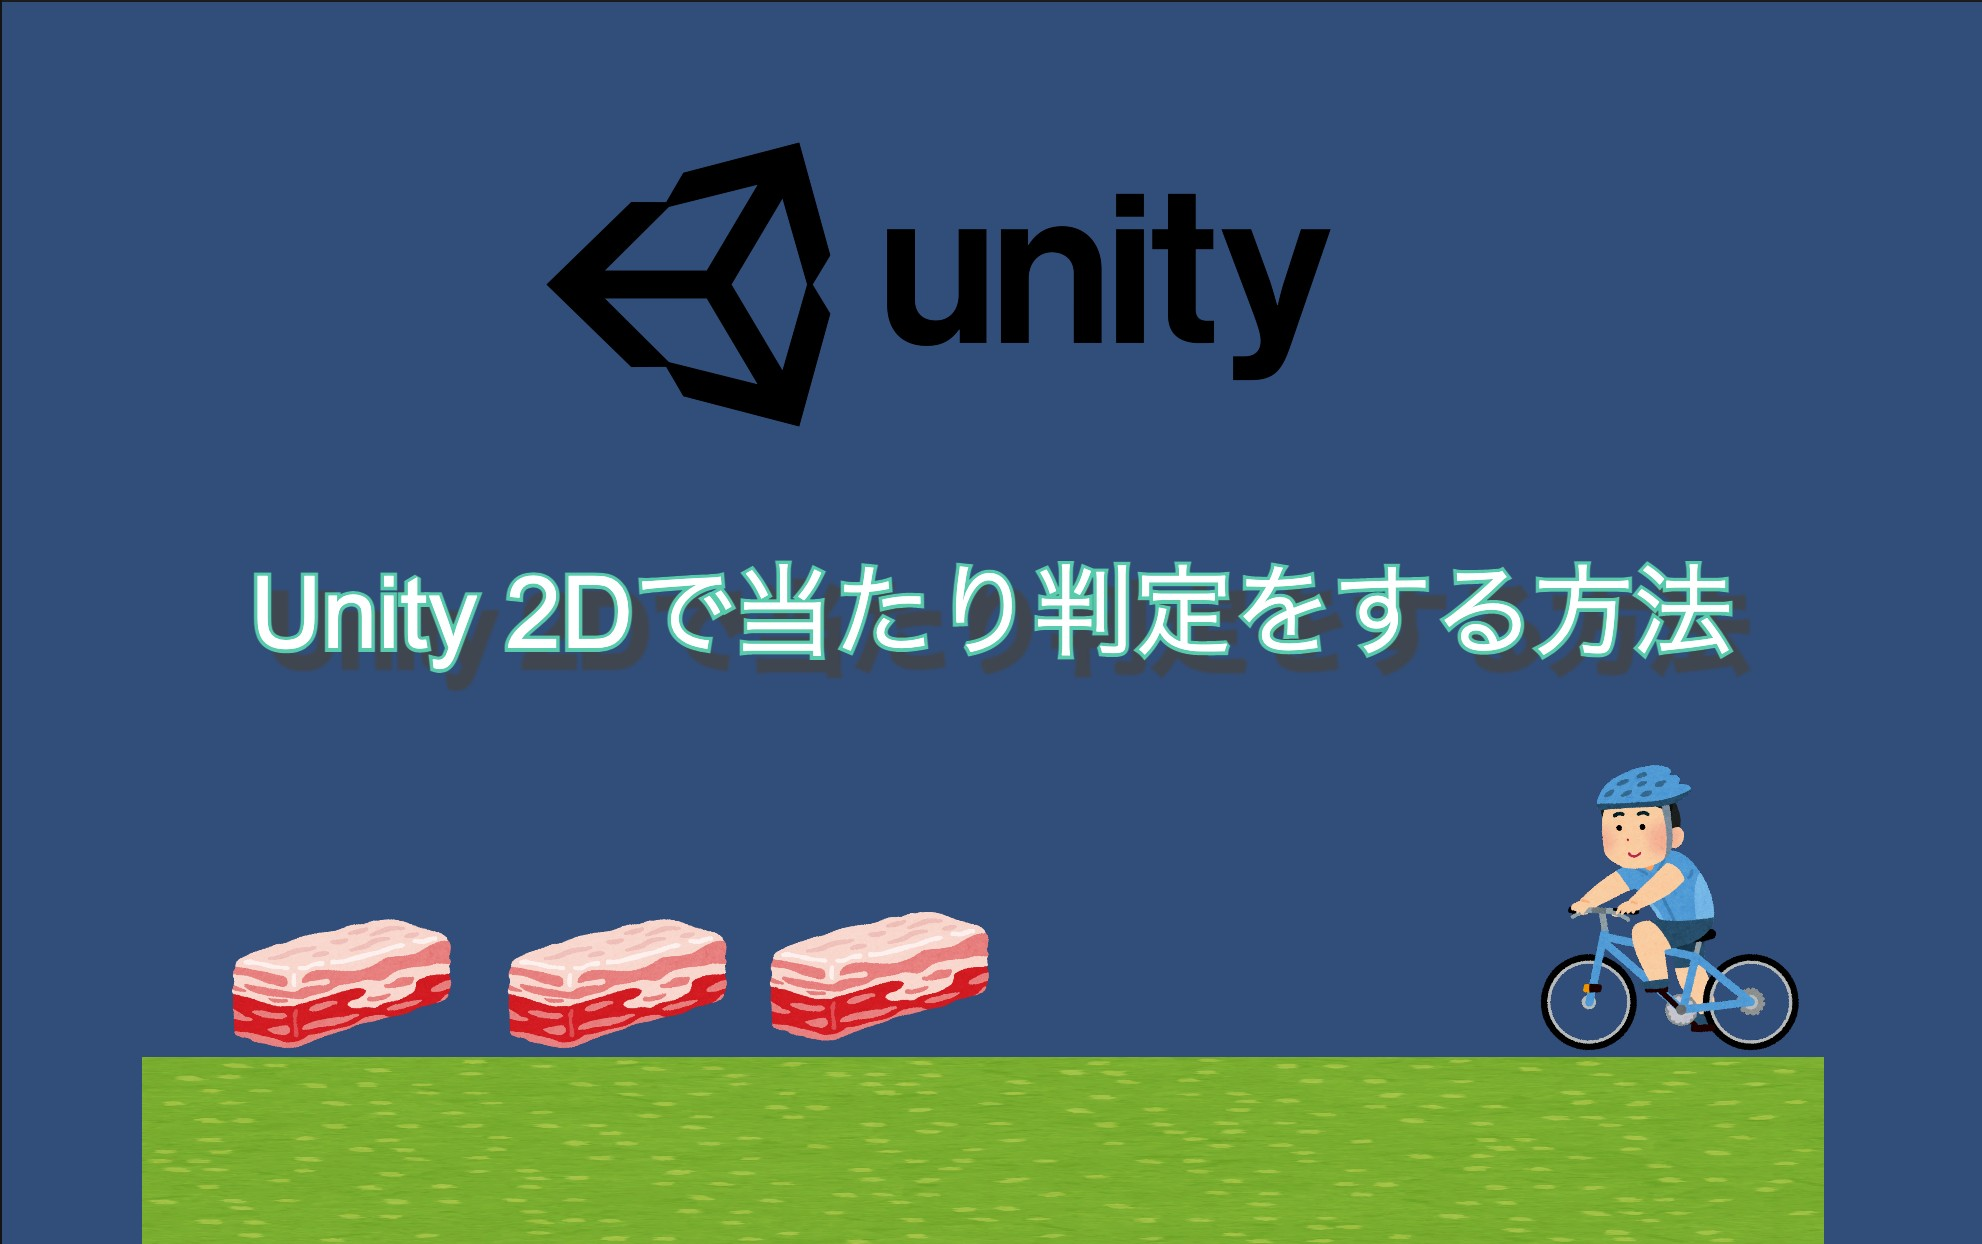 Unity 2Dで当たり判定をする方法!